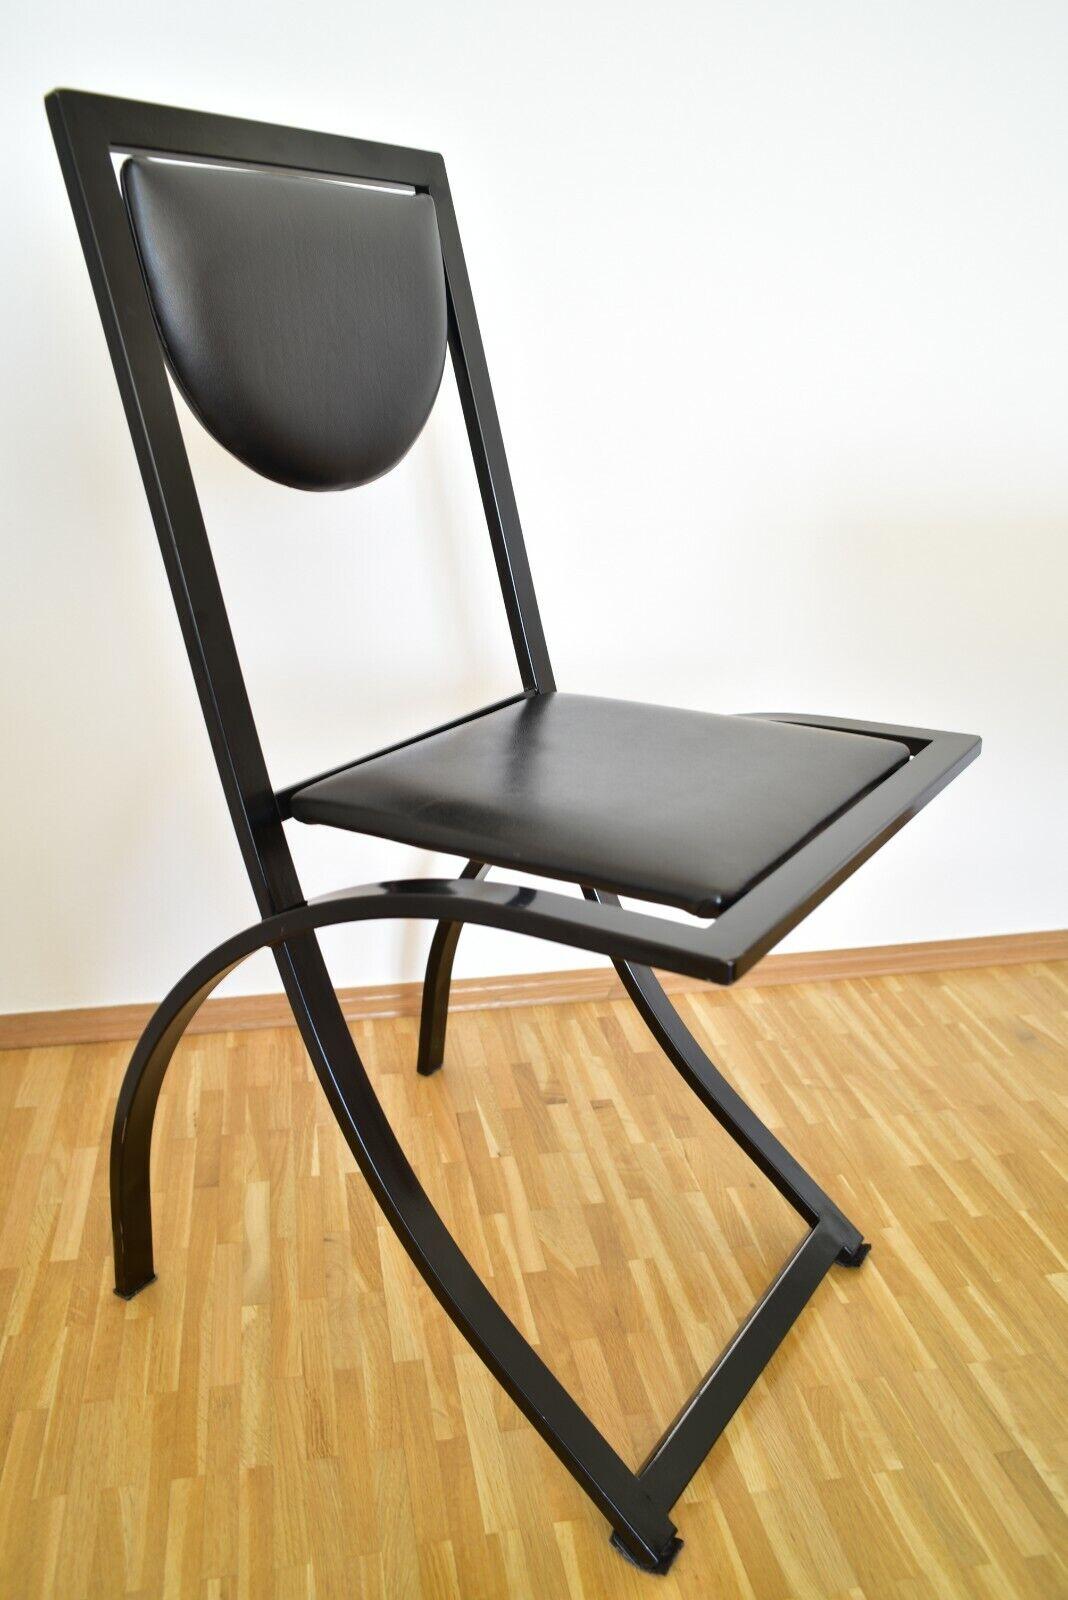 Stuhle Modell Sinus Von Kff Stahlrohrgestell Und